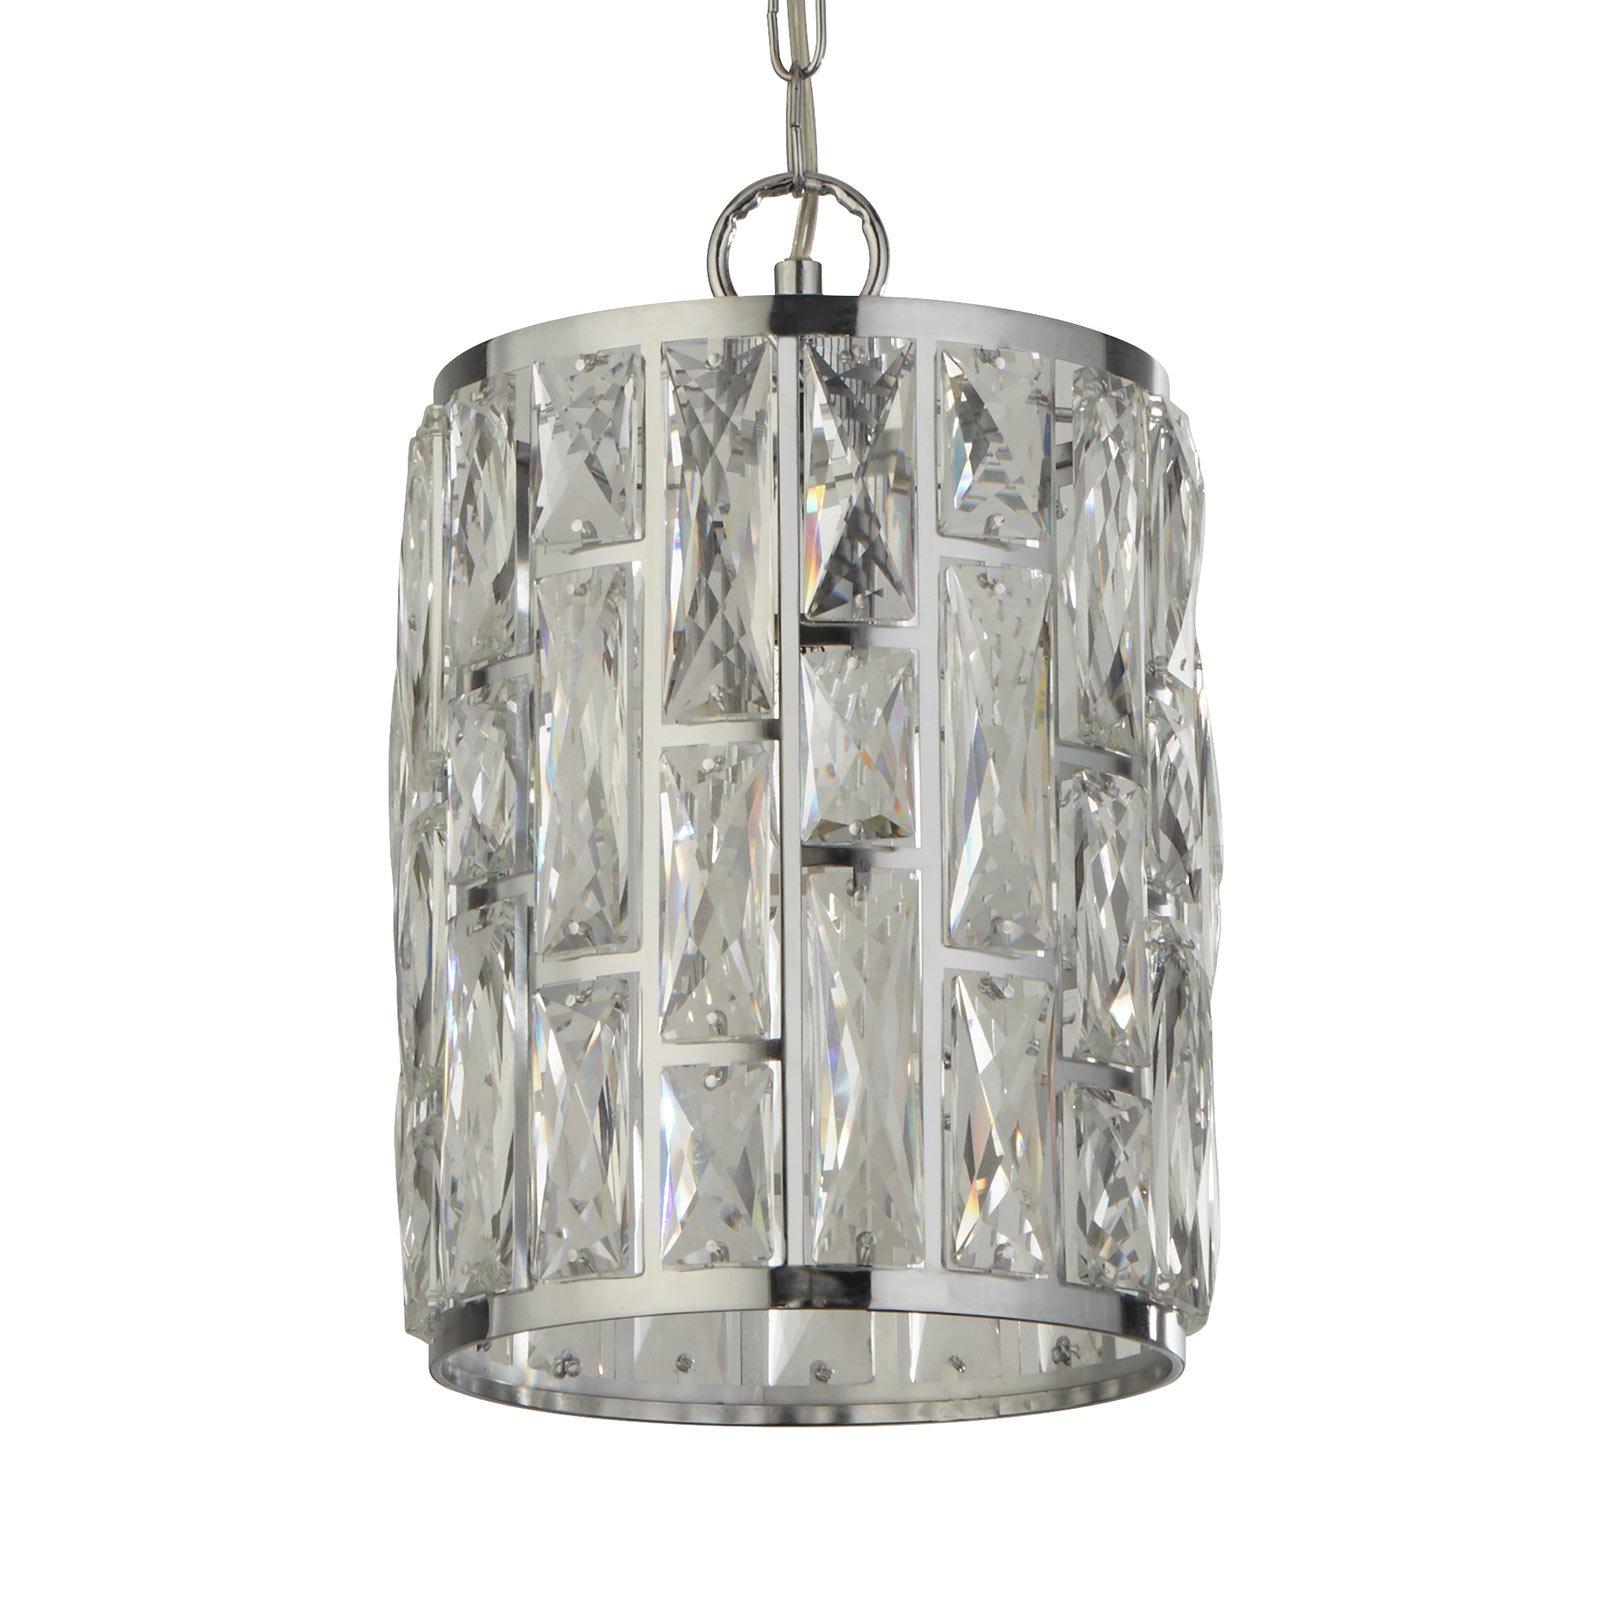 Hengelampe Bijou, skjerm med krystaller, Ø 22 cm